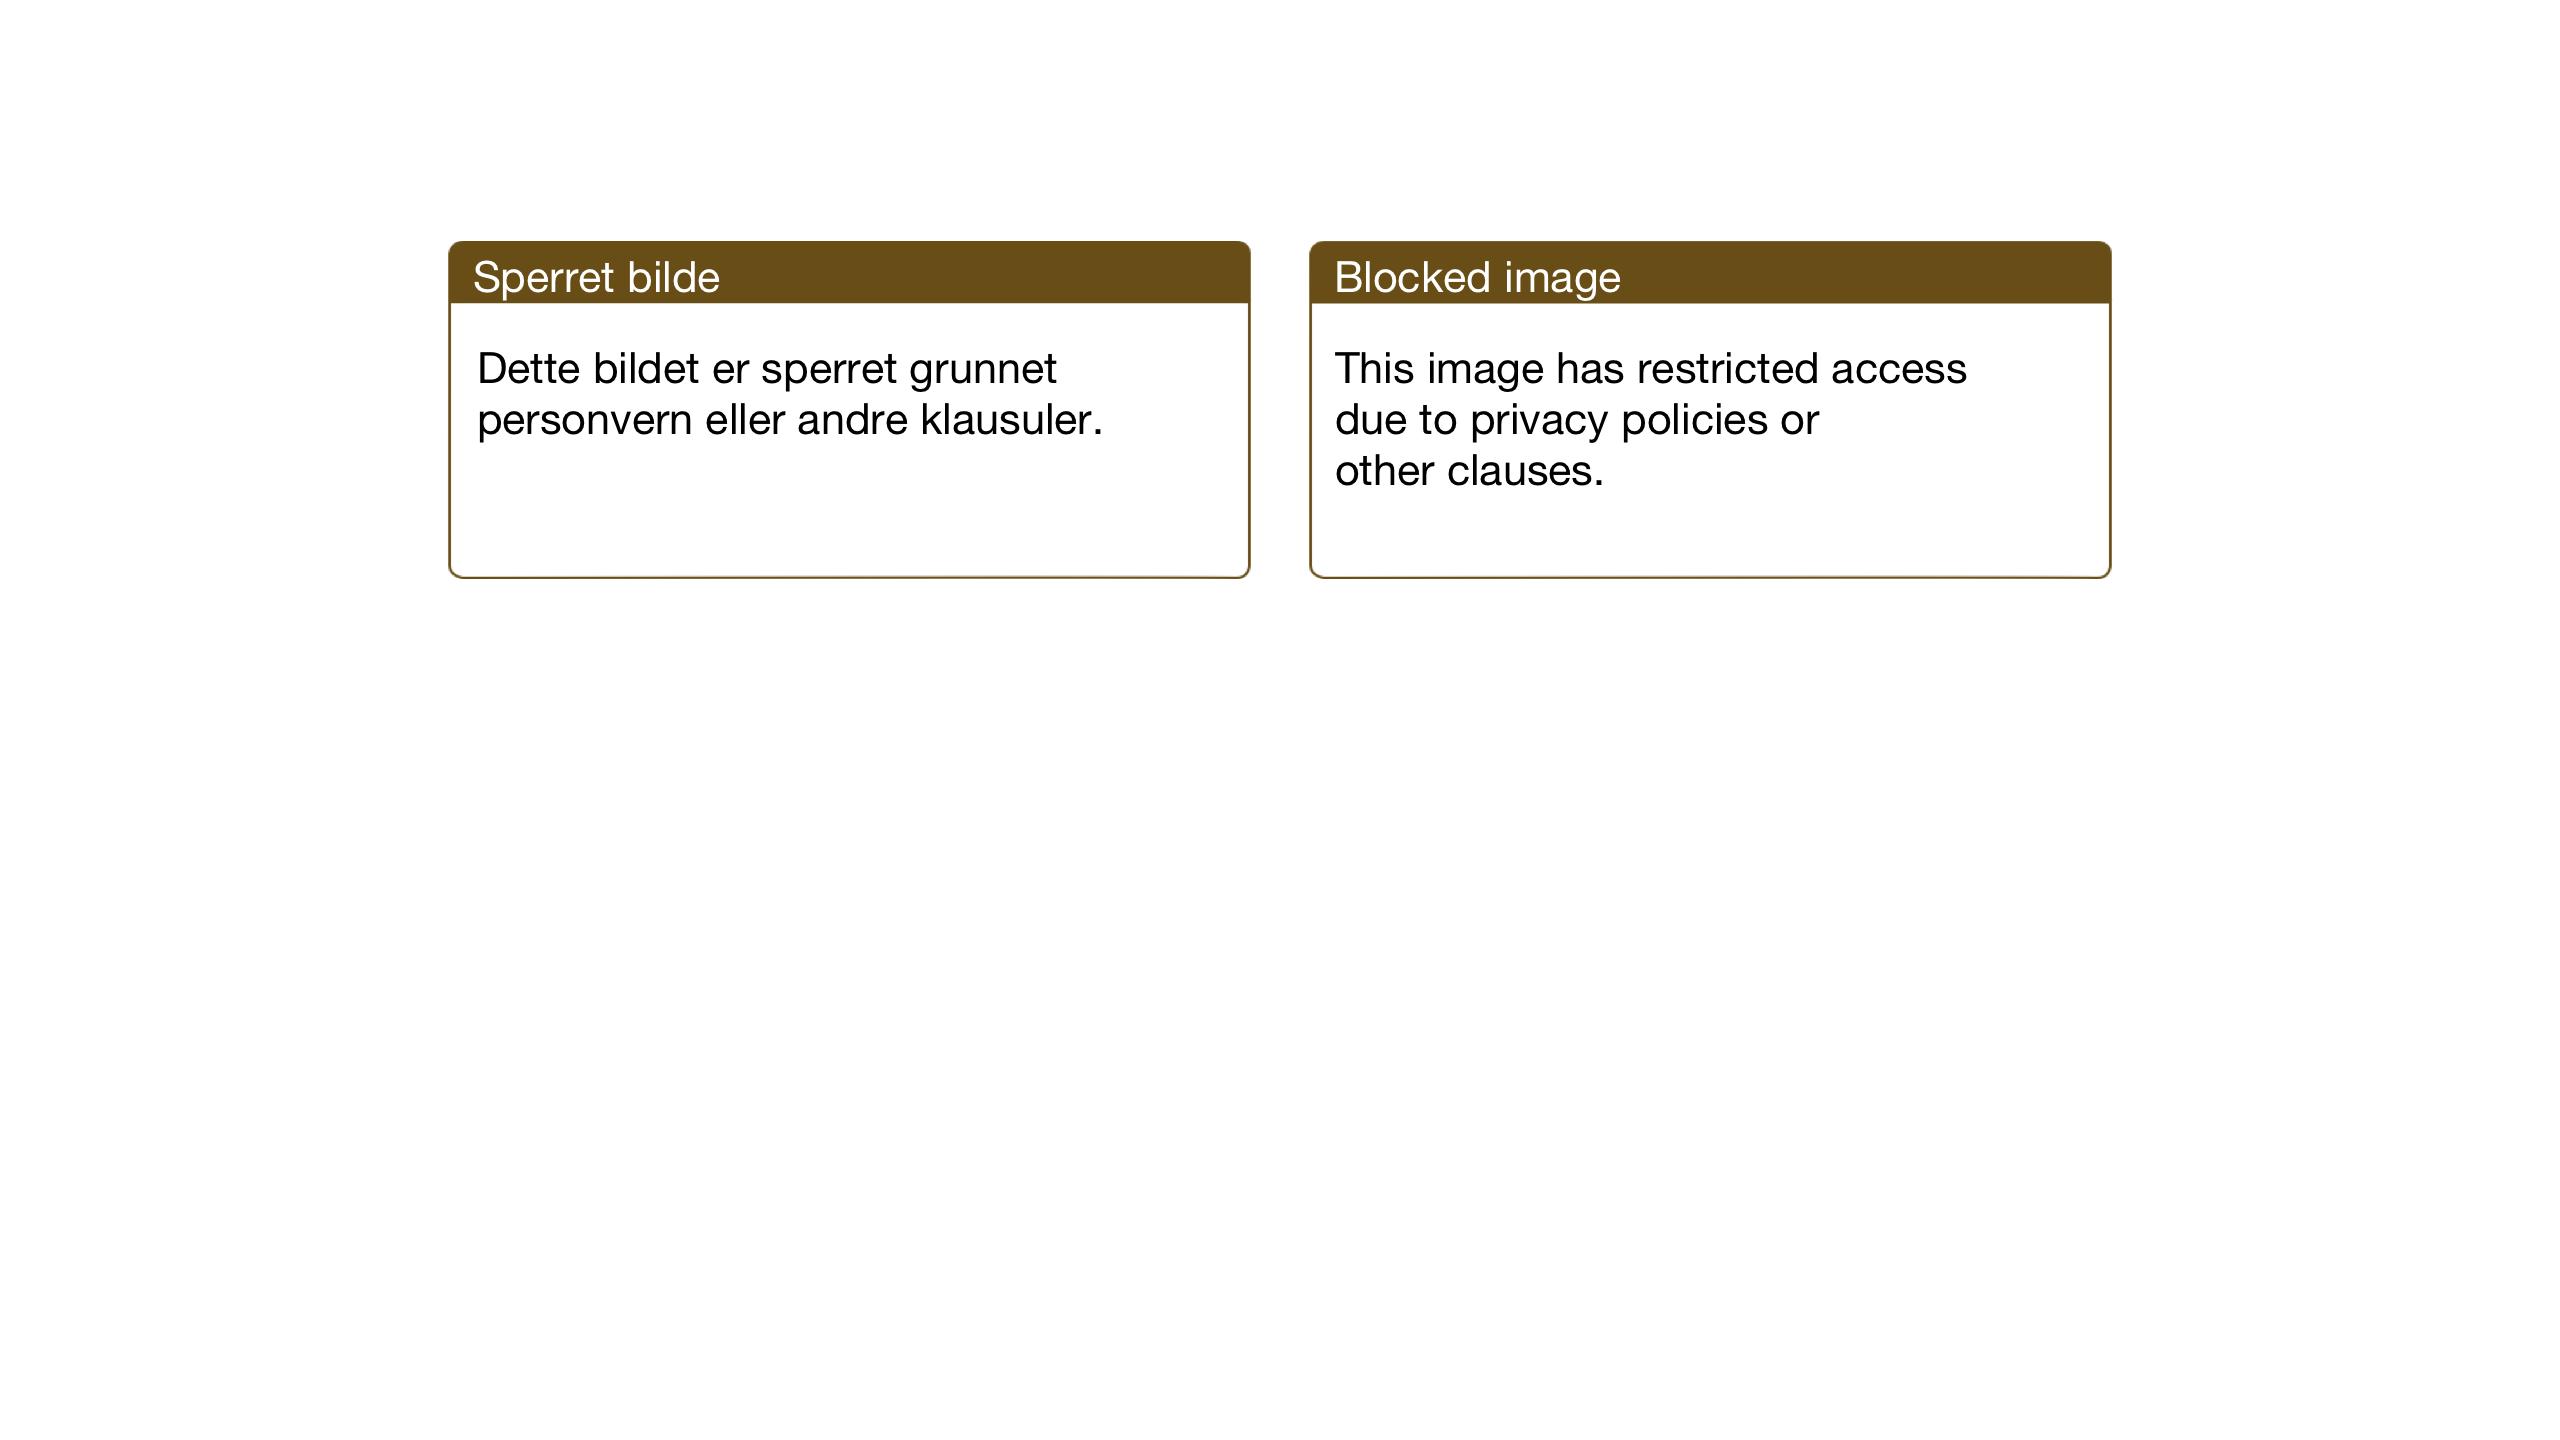 SAT, Ministerialprotokoller, klokkerbøker og fødselsregistre - Sør-Trøndelag, 667/L0799: Klokkerbok nr. 667C04, 1929-1950, s. 18